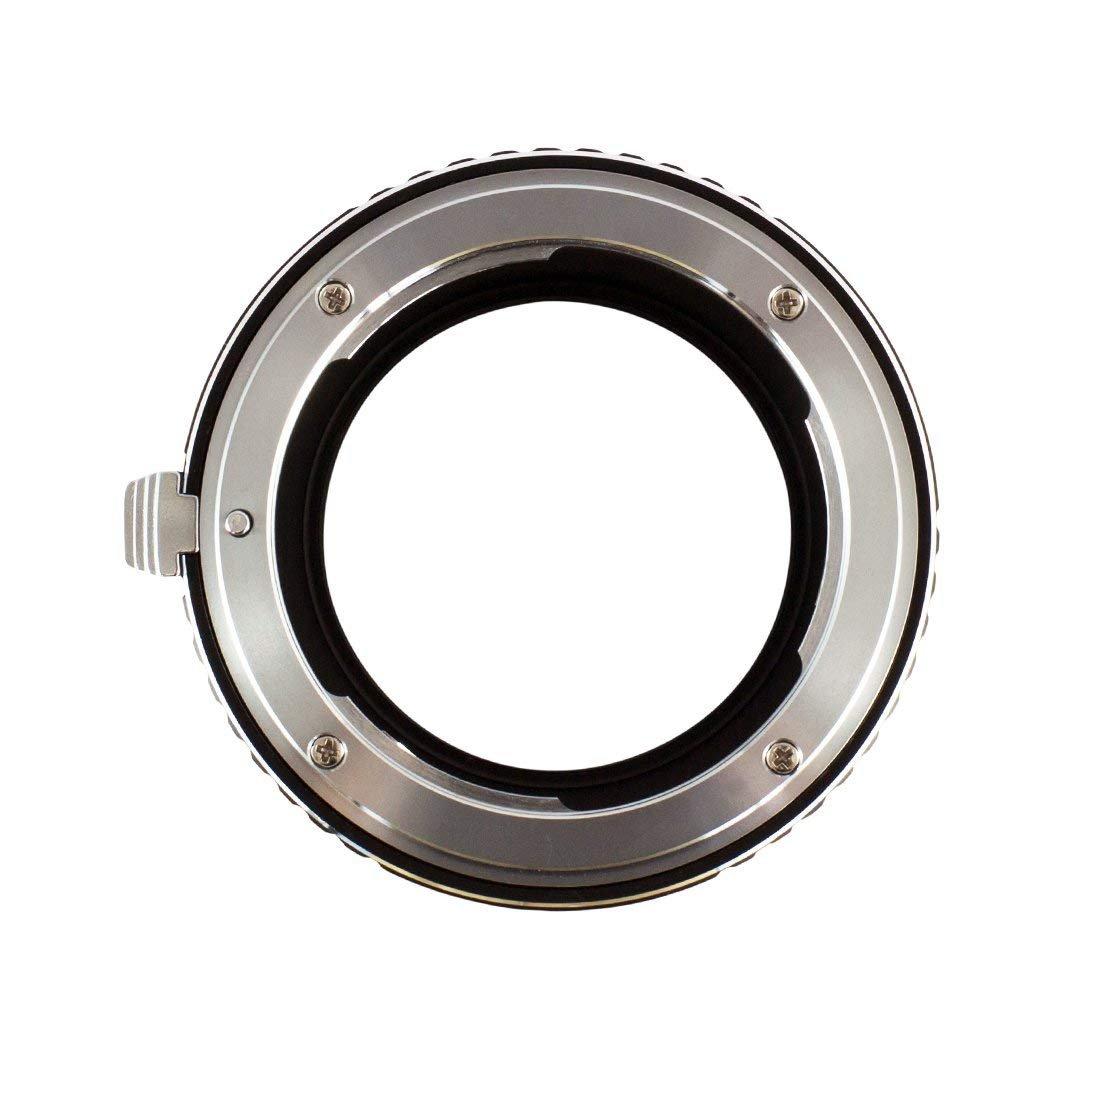 Adaptador de Lente Compatible para Lentes Canon FD y cuerpos de c/ámara Sony E Gobe